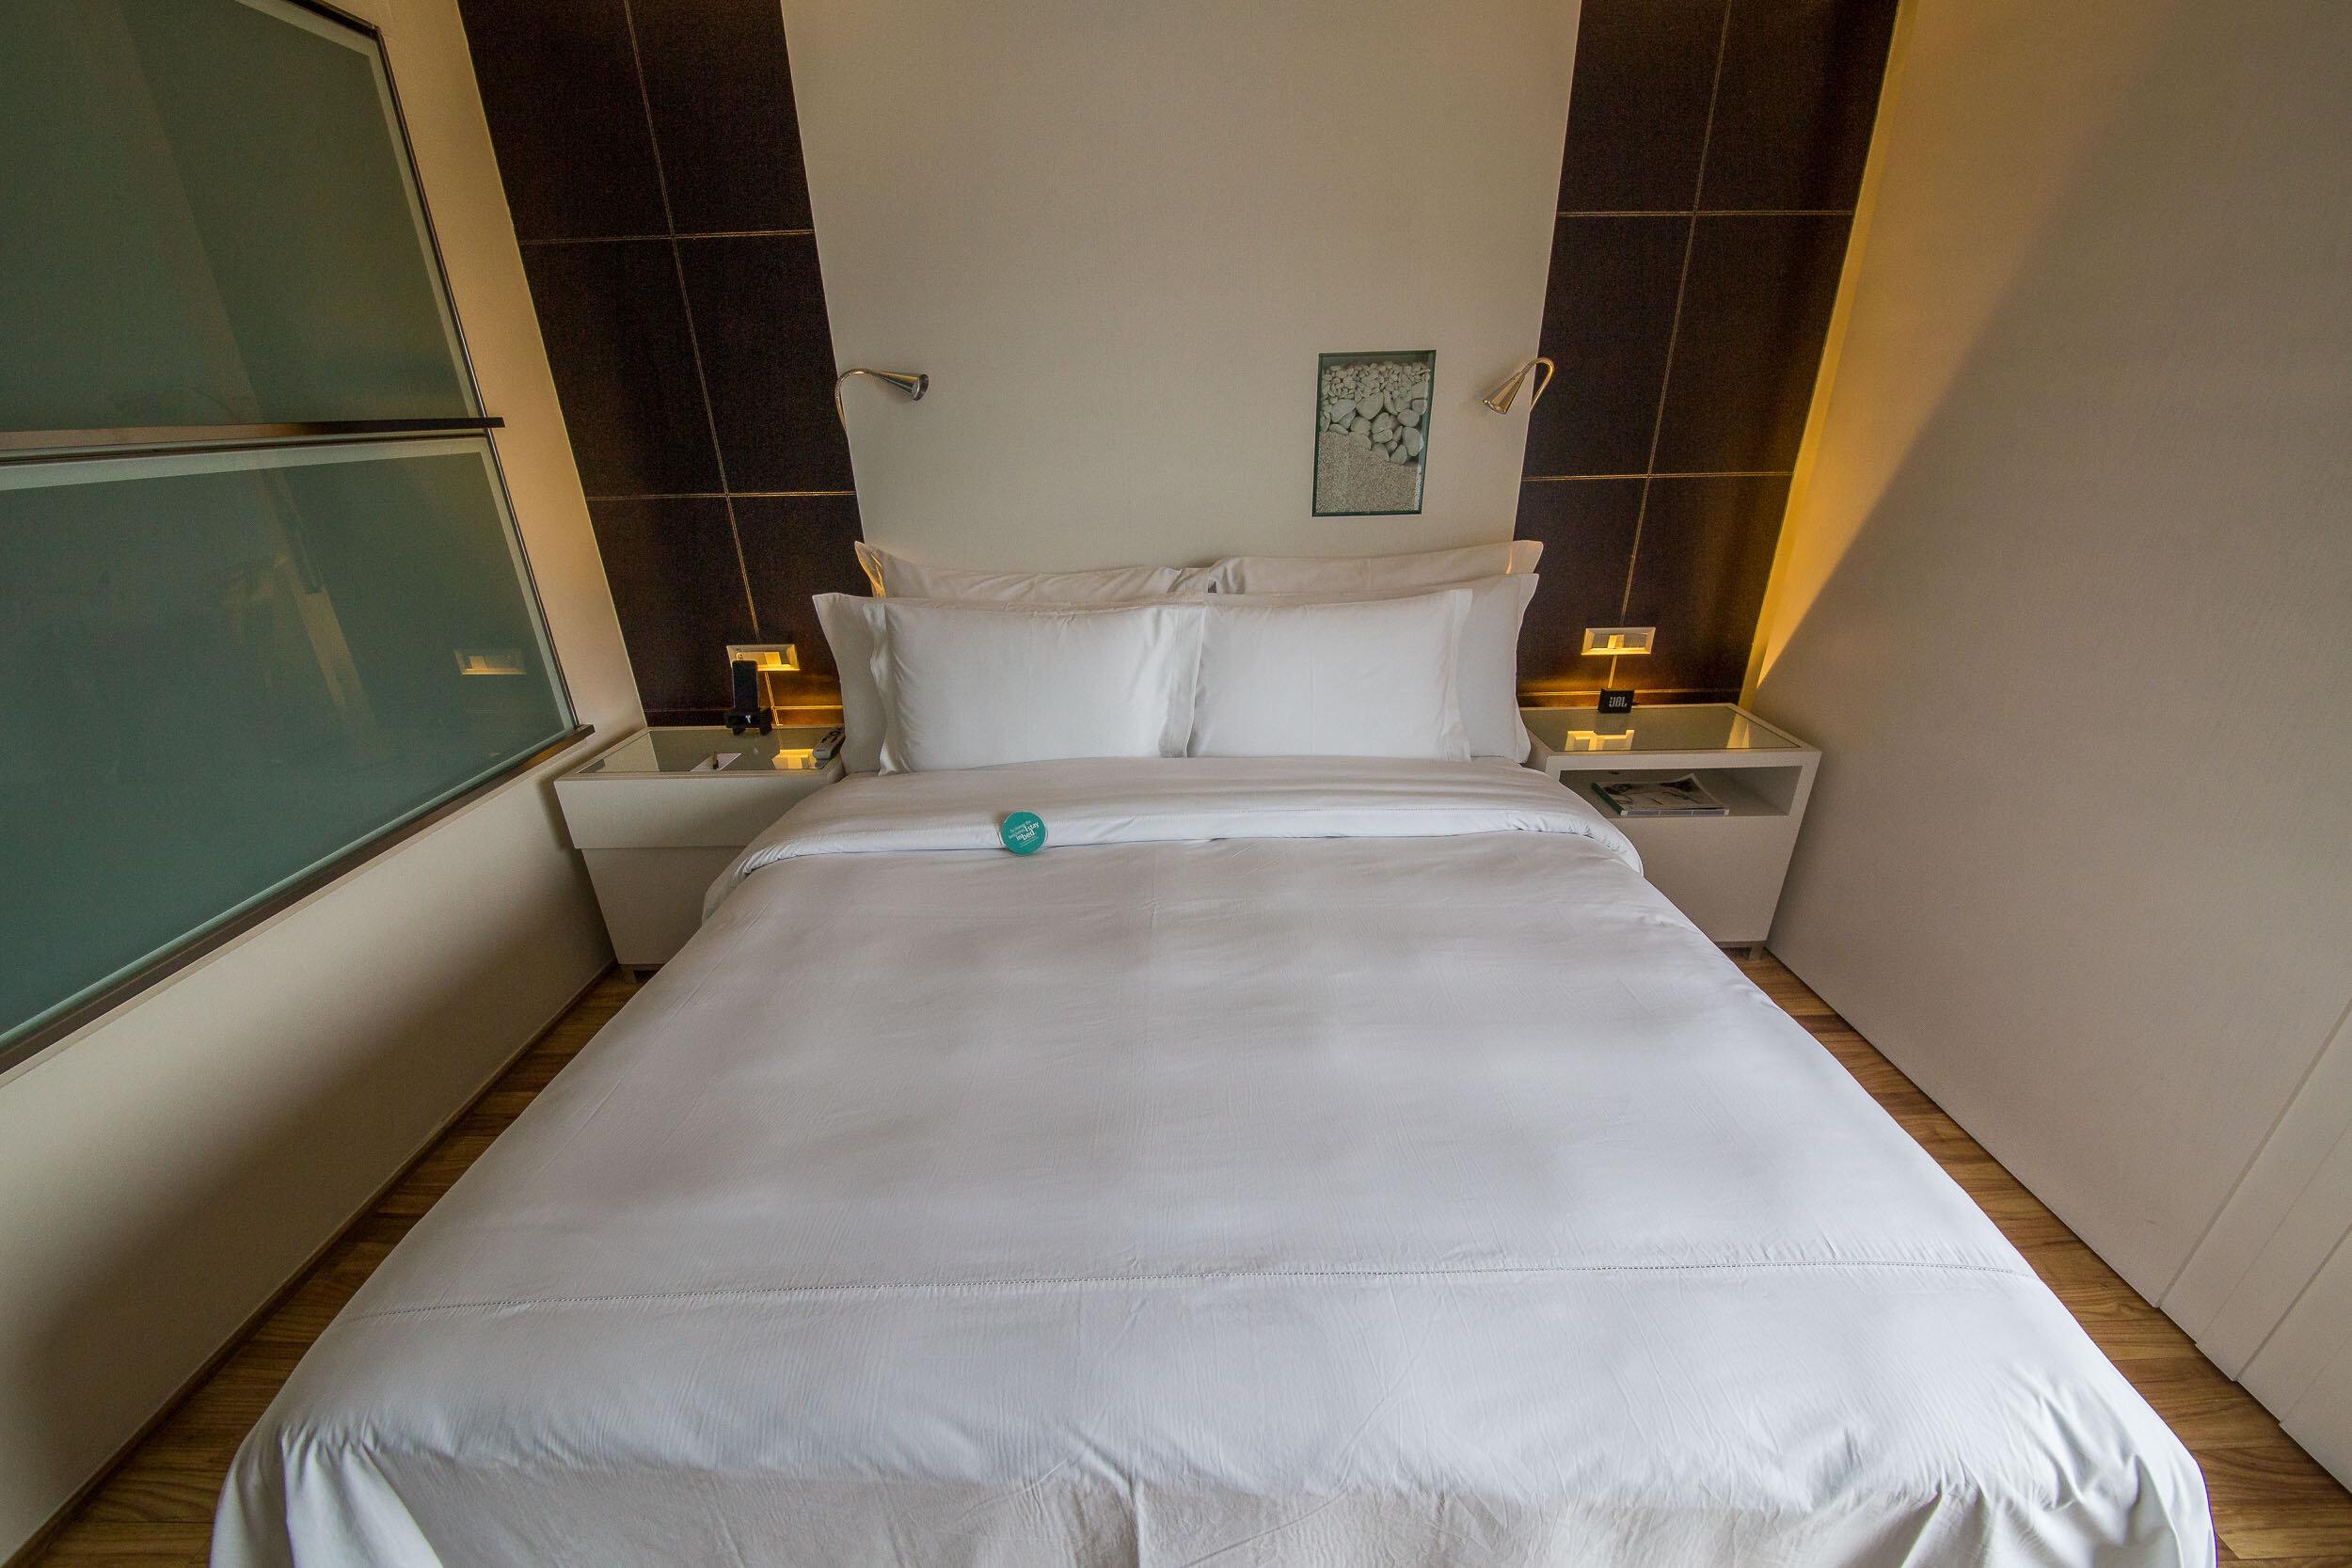 Queen bed, Hotel Unique, Sao Paulo, Brazil